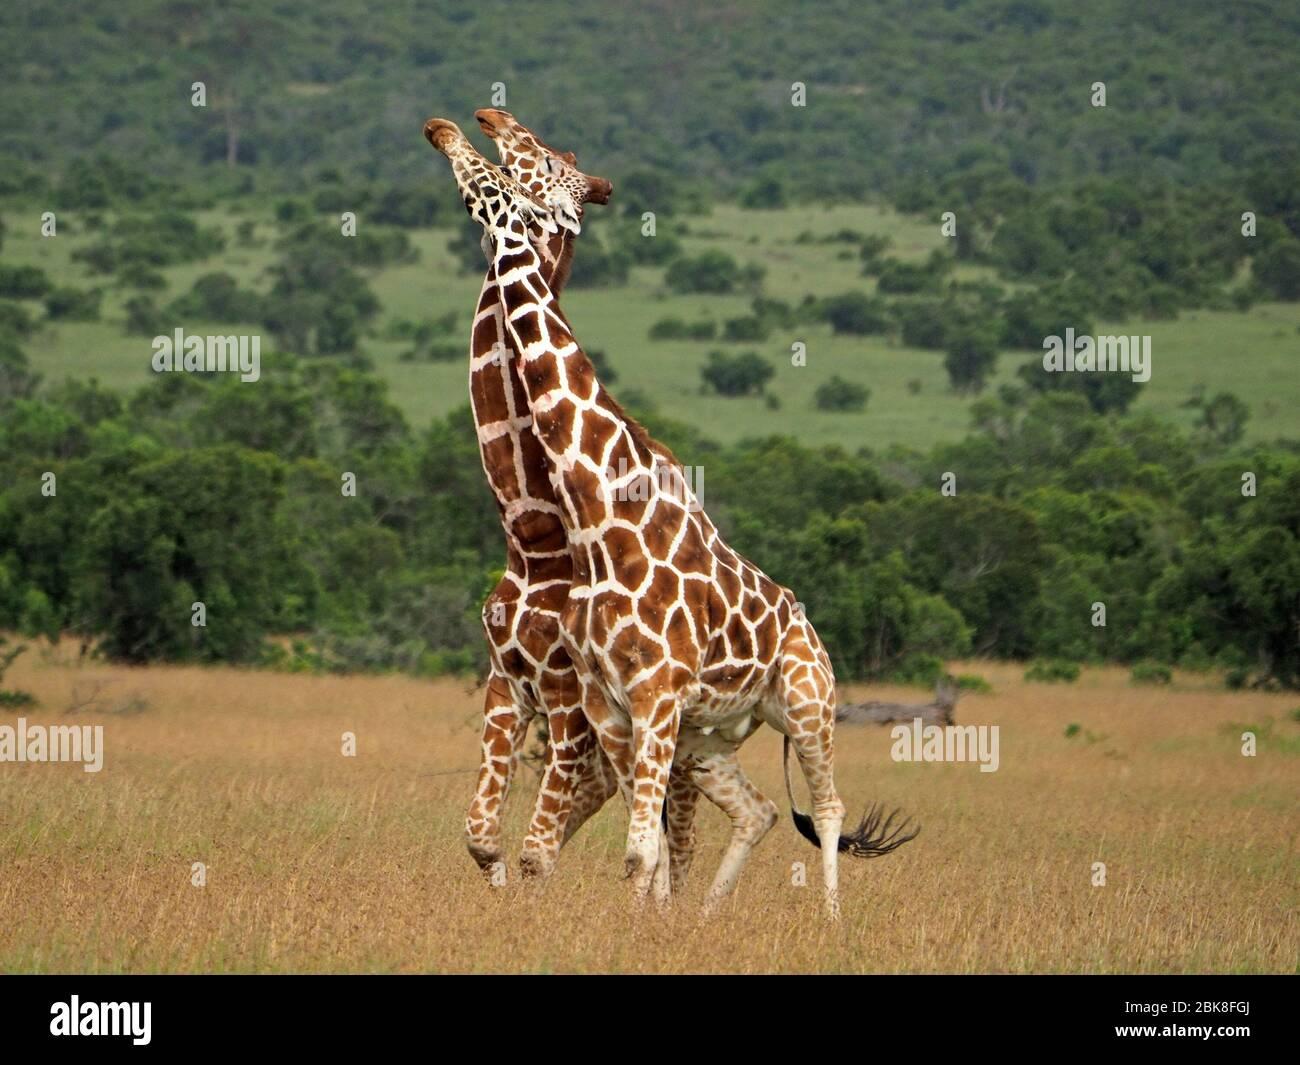 Deux vieux girafes réticulés (Giraffa camelopadis reticulata) se battent pour le droit de s'accoupler avec des femelles -OL Pejeta Conservancy,Laikipia,Kenya, Afrique Banque D'Images